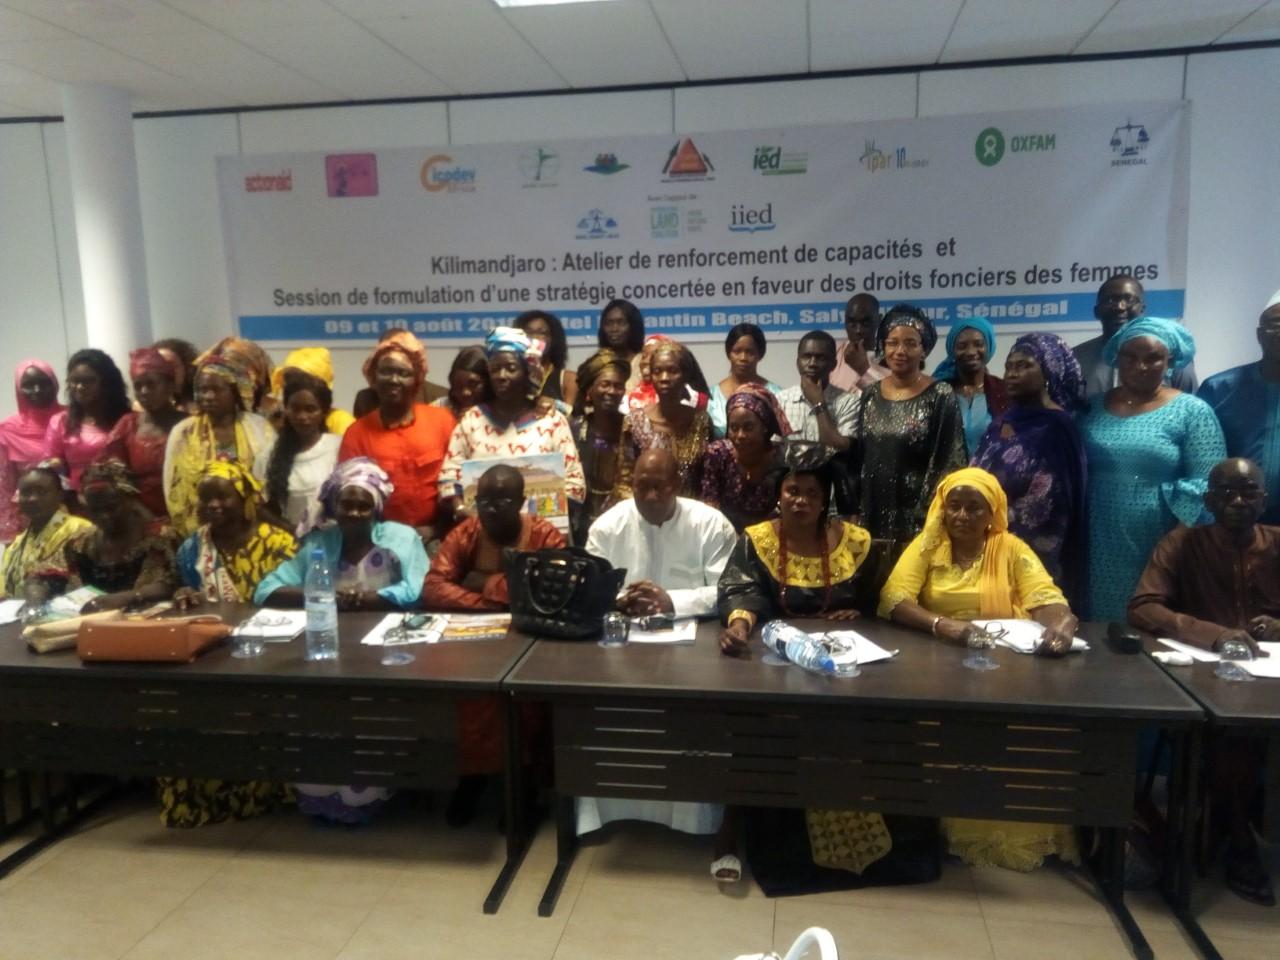 Sénégal : L'accès et le contrôle des ressources foncières par les femmes reste une forte préoccupation du développement durable